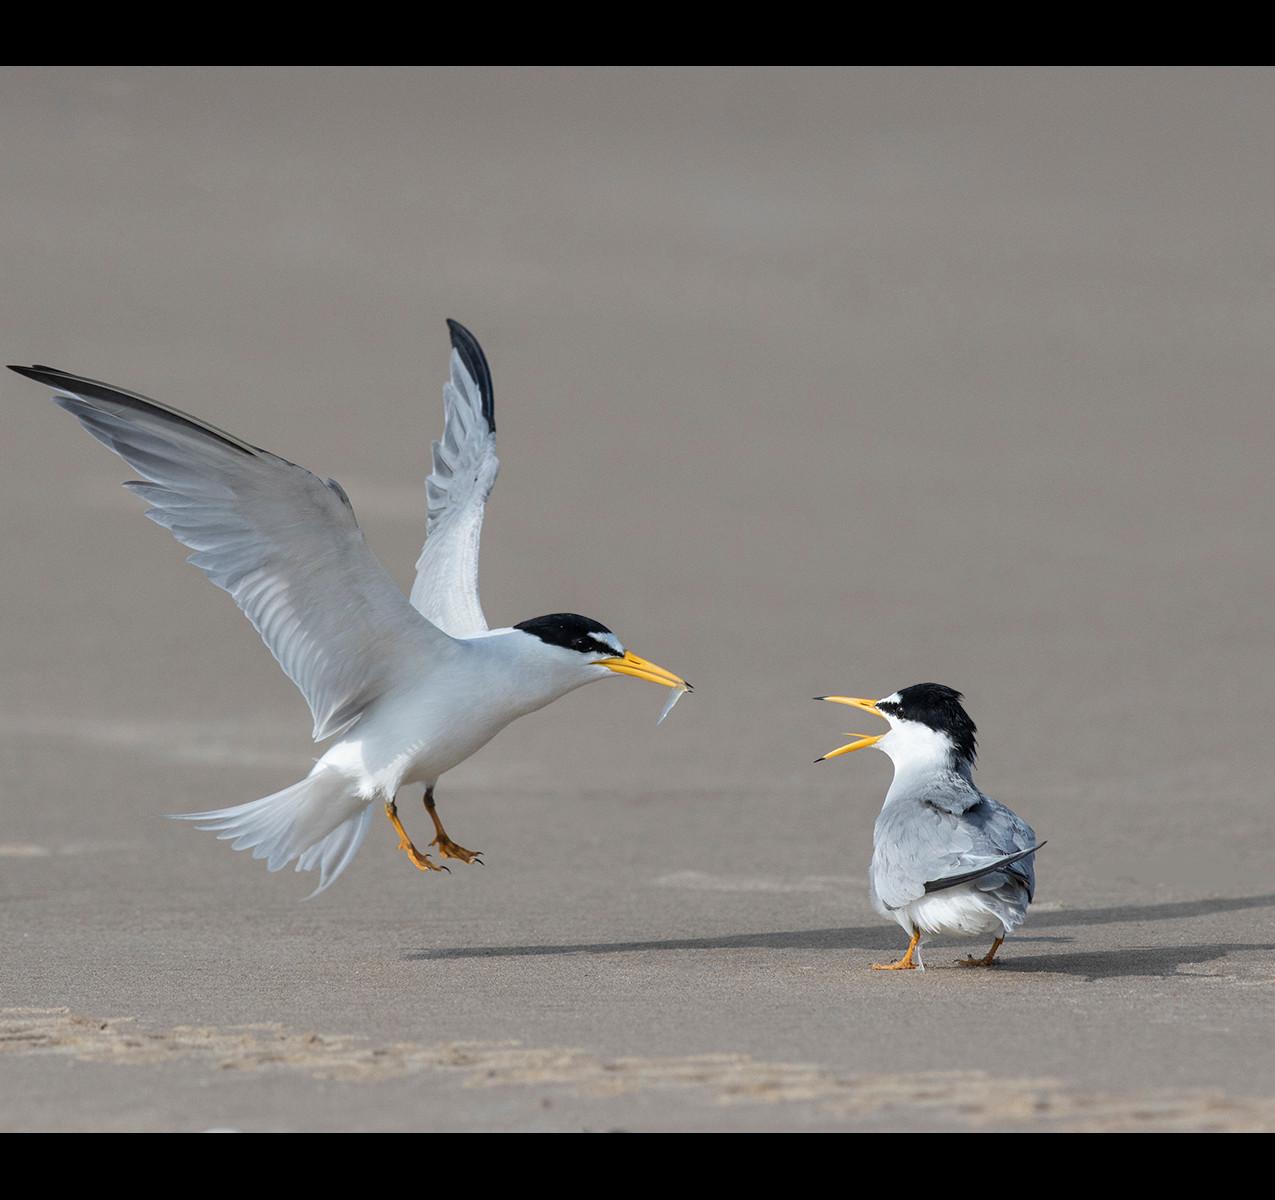 11916_geoff walsh_least terns courtship.